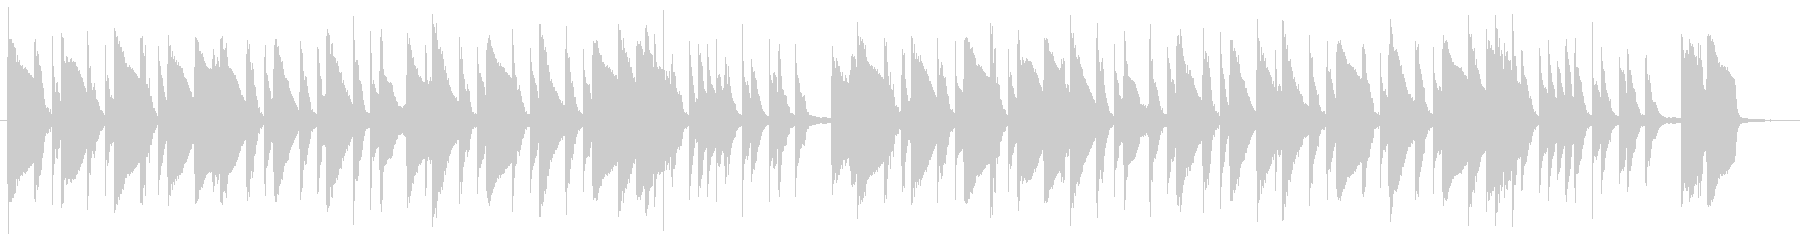 ギャグ・日常・コメディ・ほのぼのBGMの未再生の波形